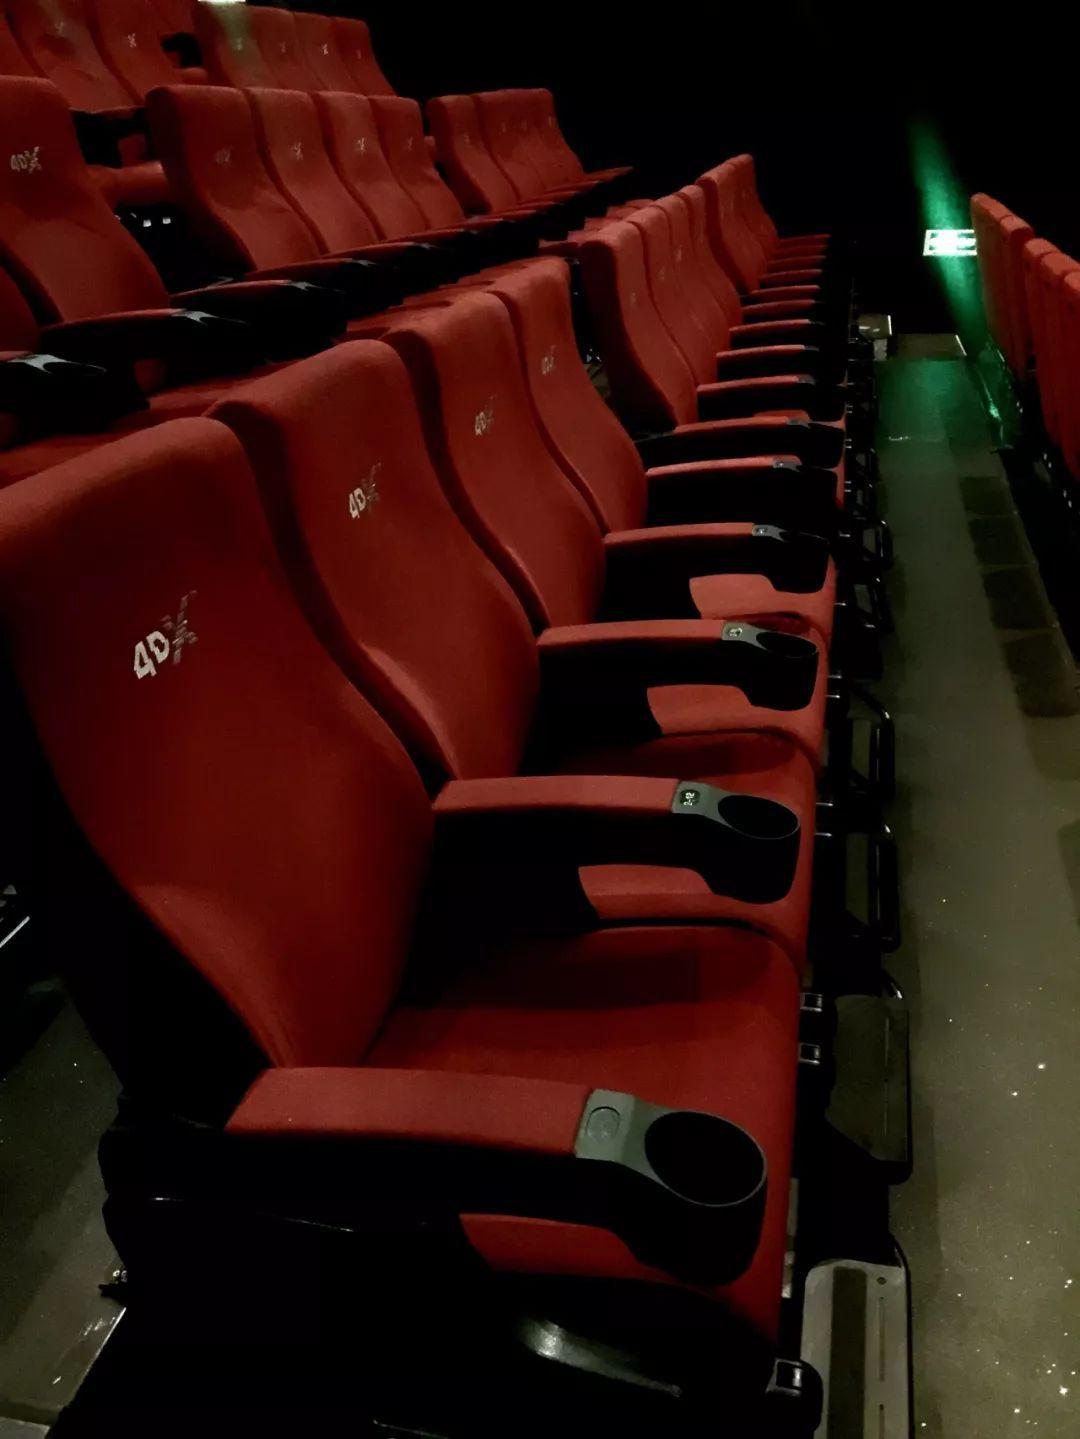 西安看电影,去什么影厅才适合自己,才更过瘾?